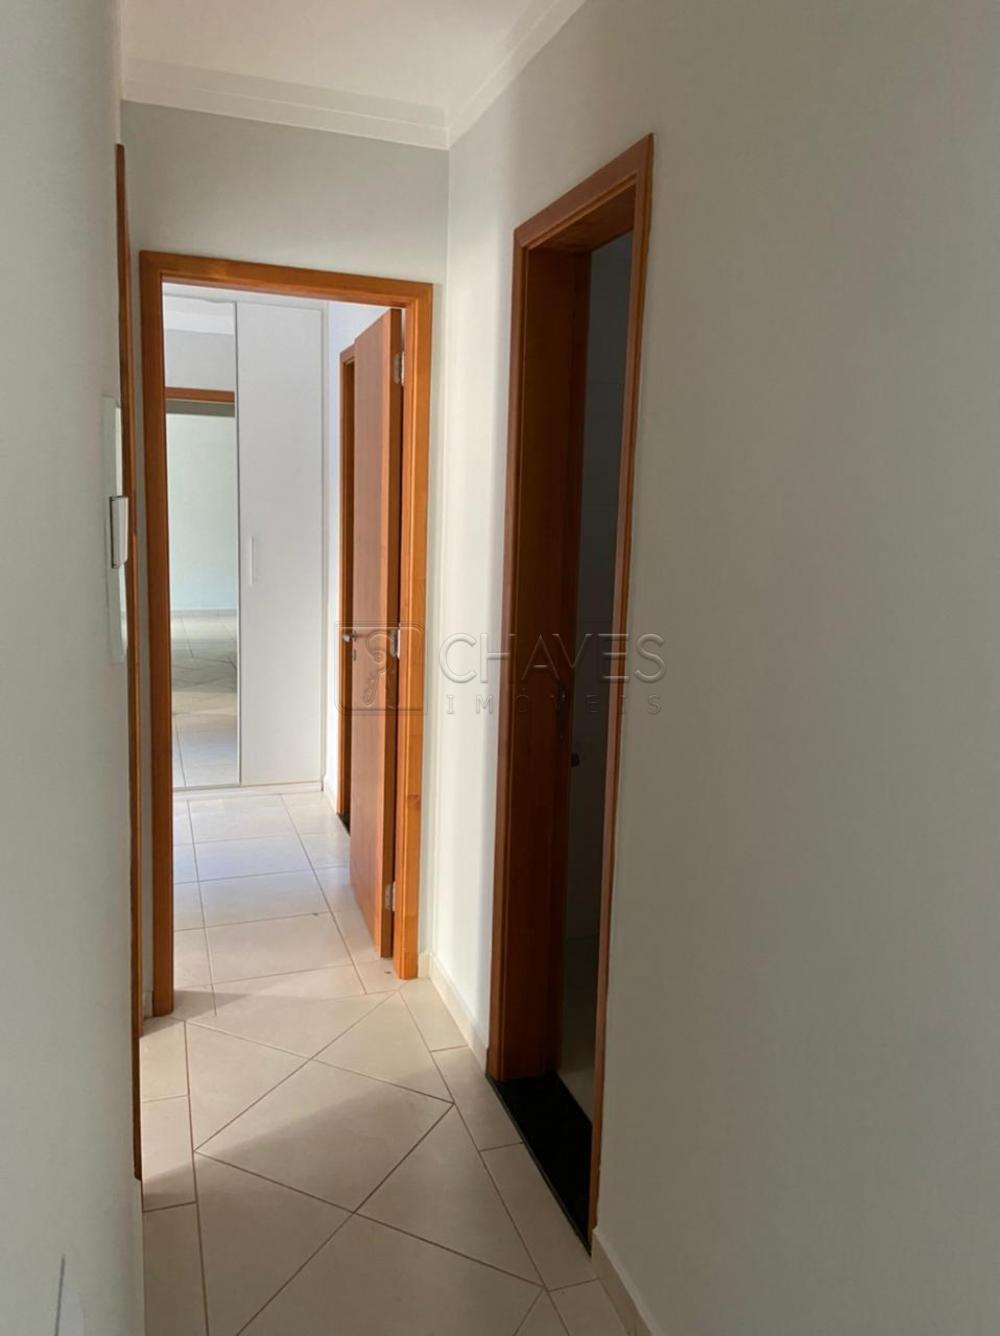 Alugar Apartamento / Padrão em Ribeirão Preto apenas R$ 1.700,00 - Foto 9